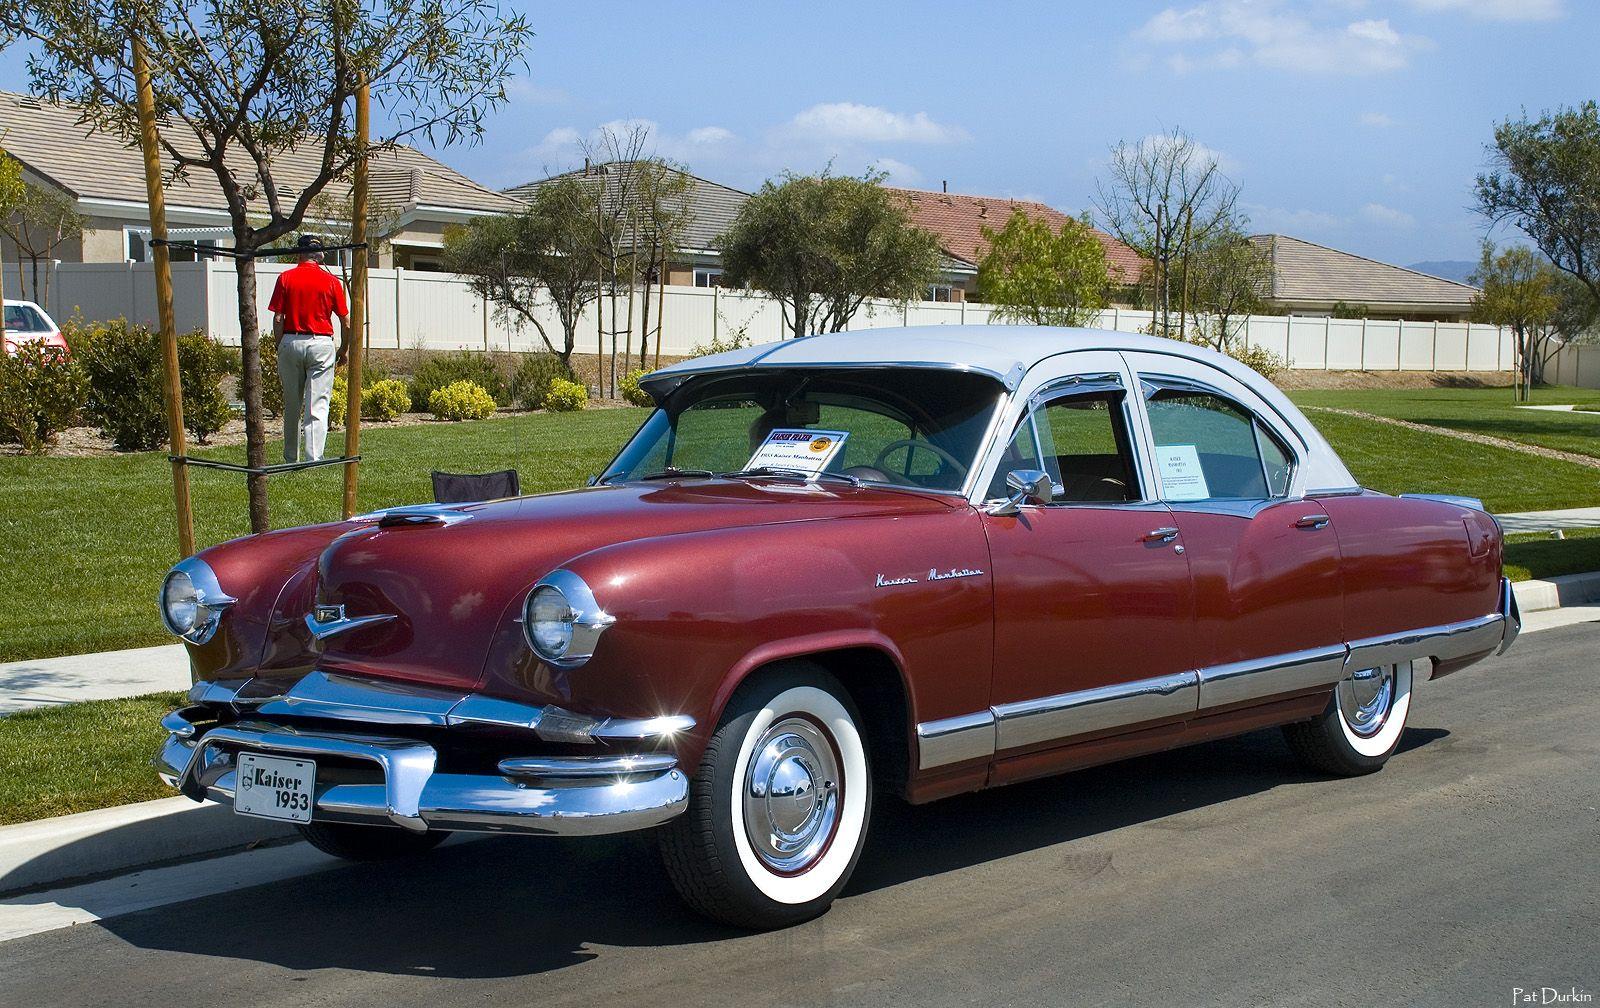 1953 Kaiser Manhattan | automotive rarity | Pinterest ...